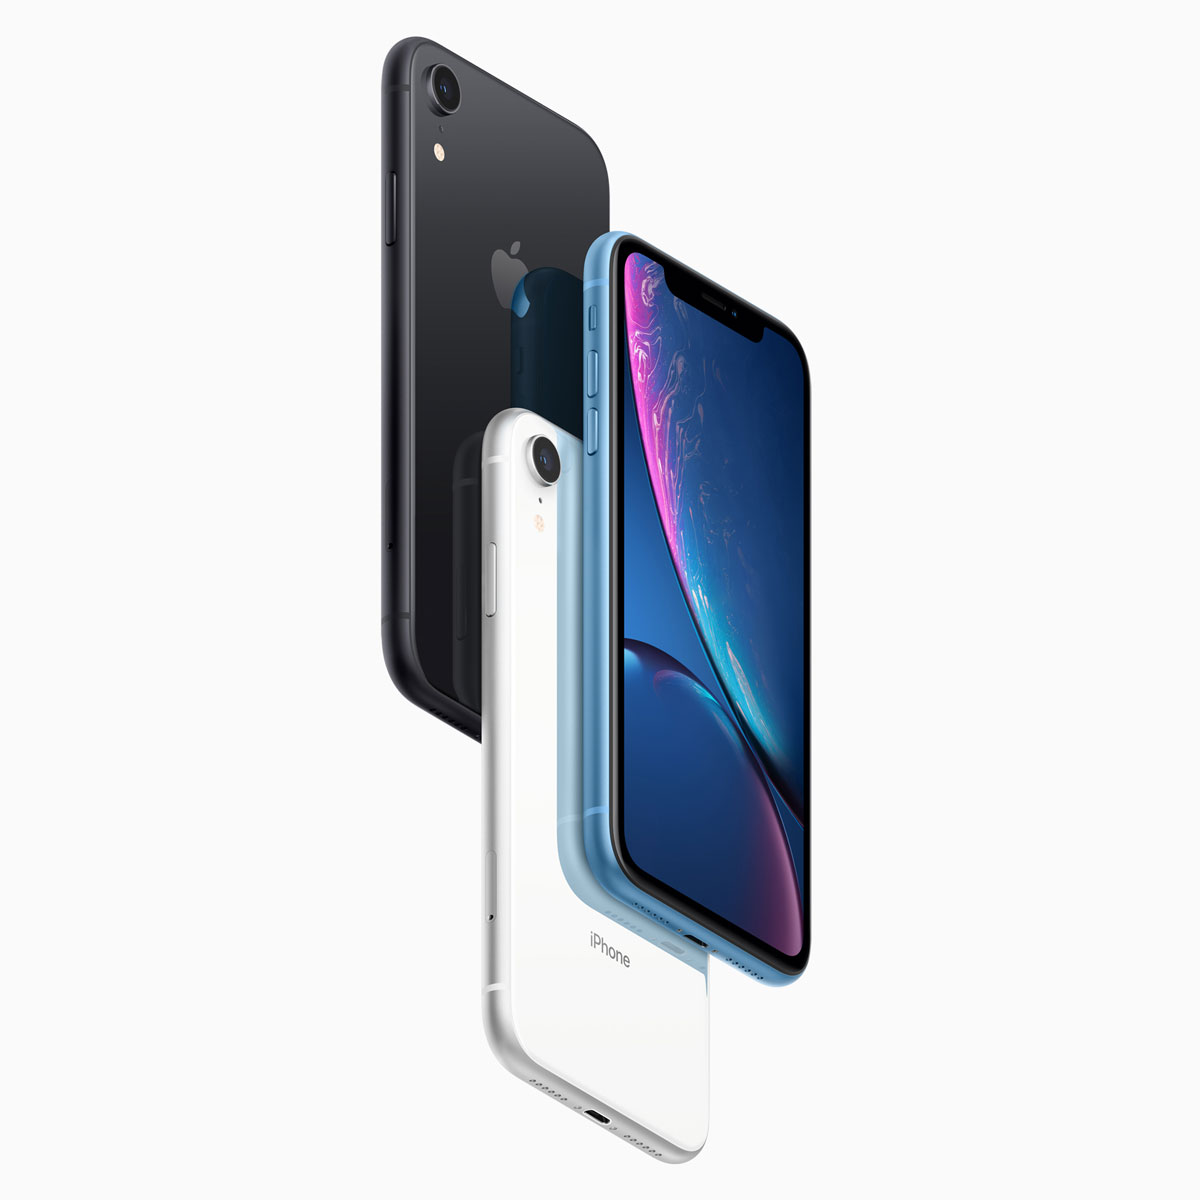 価格.comユーザーが認めた、バッテリーが長持ちする最新スマートフォン9傑